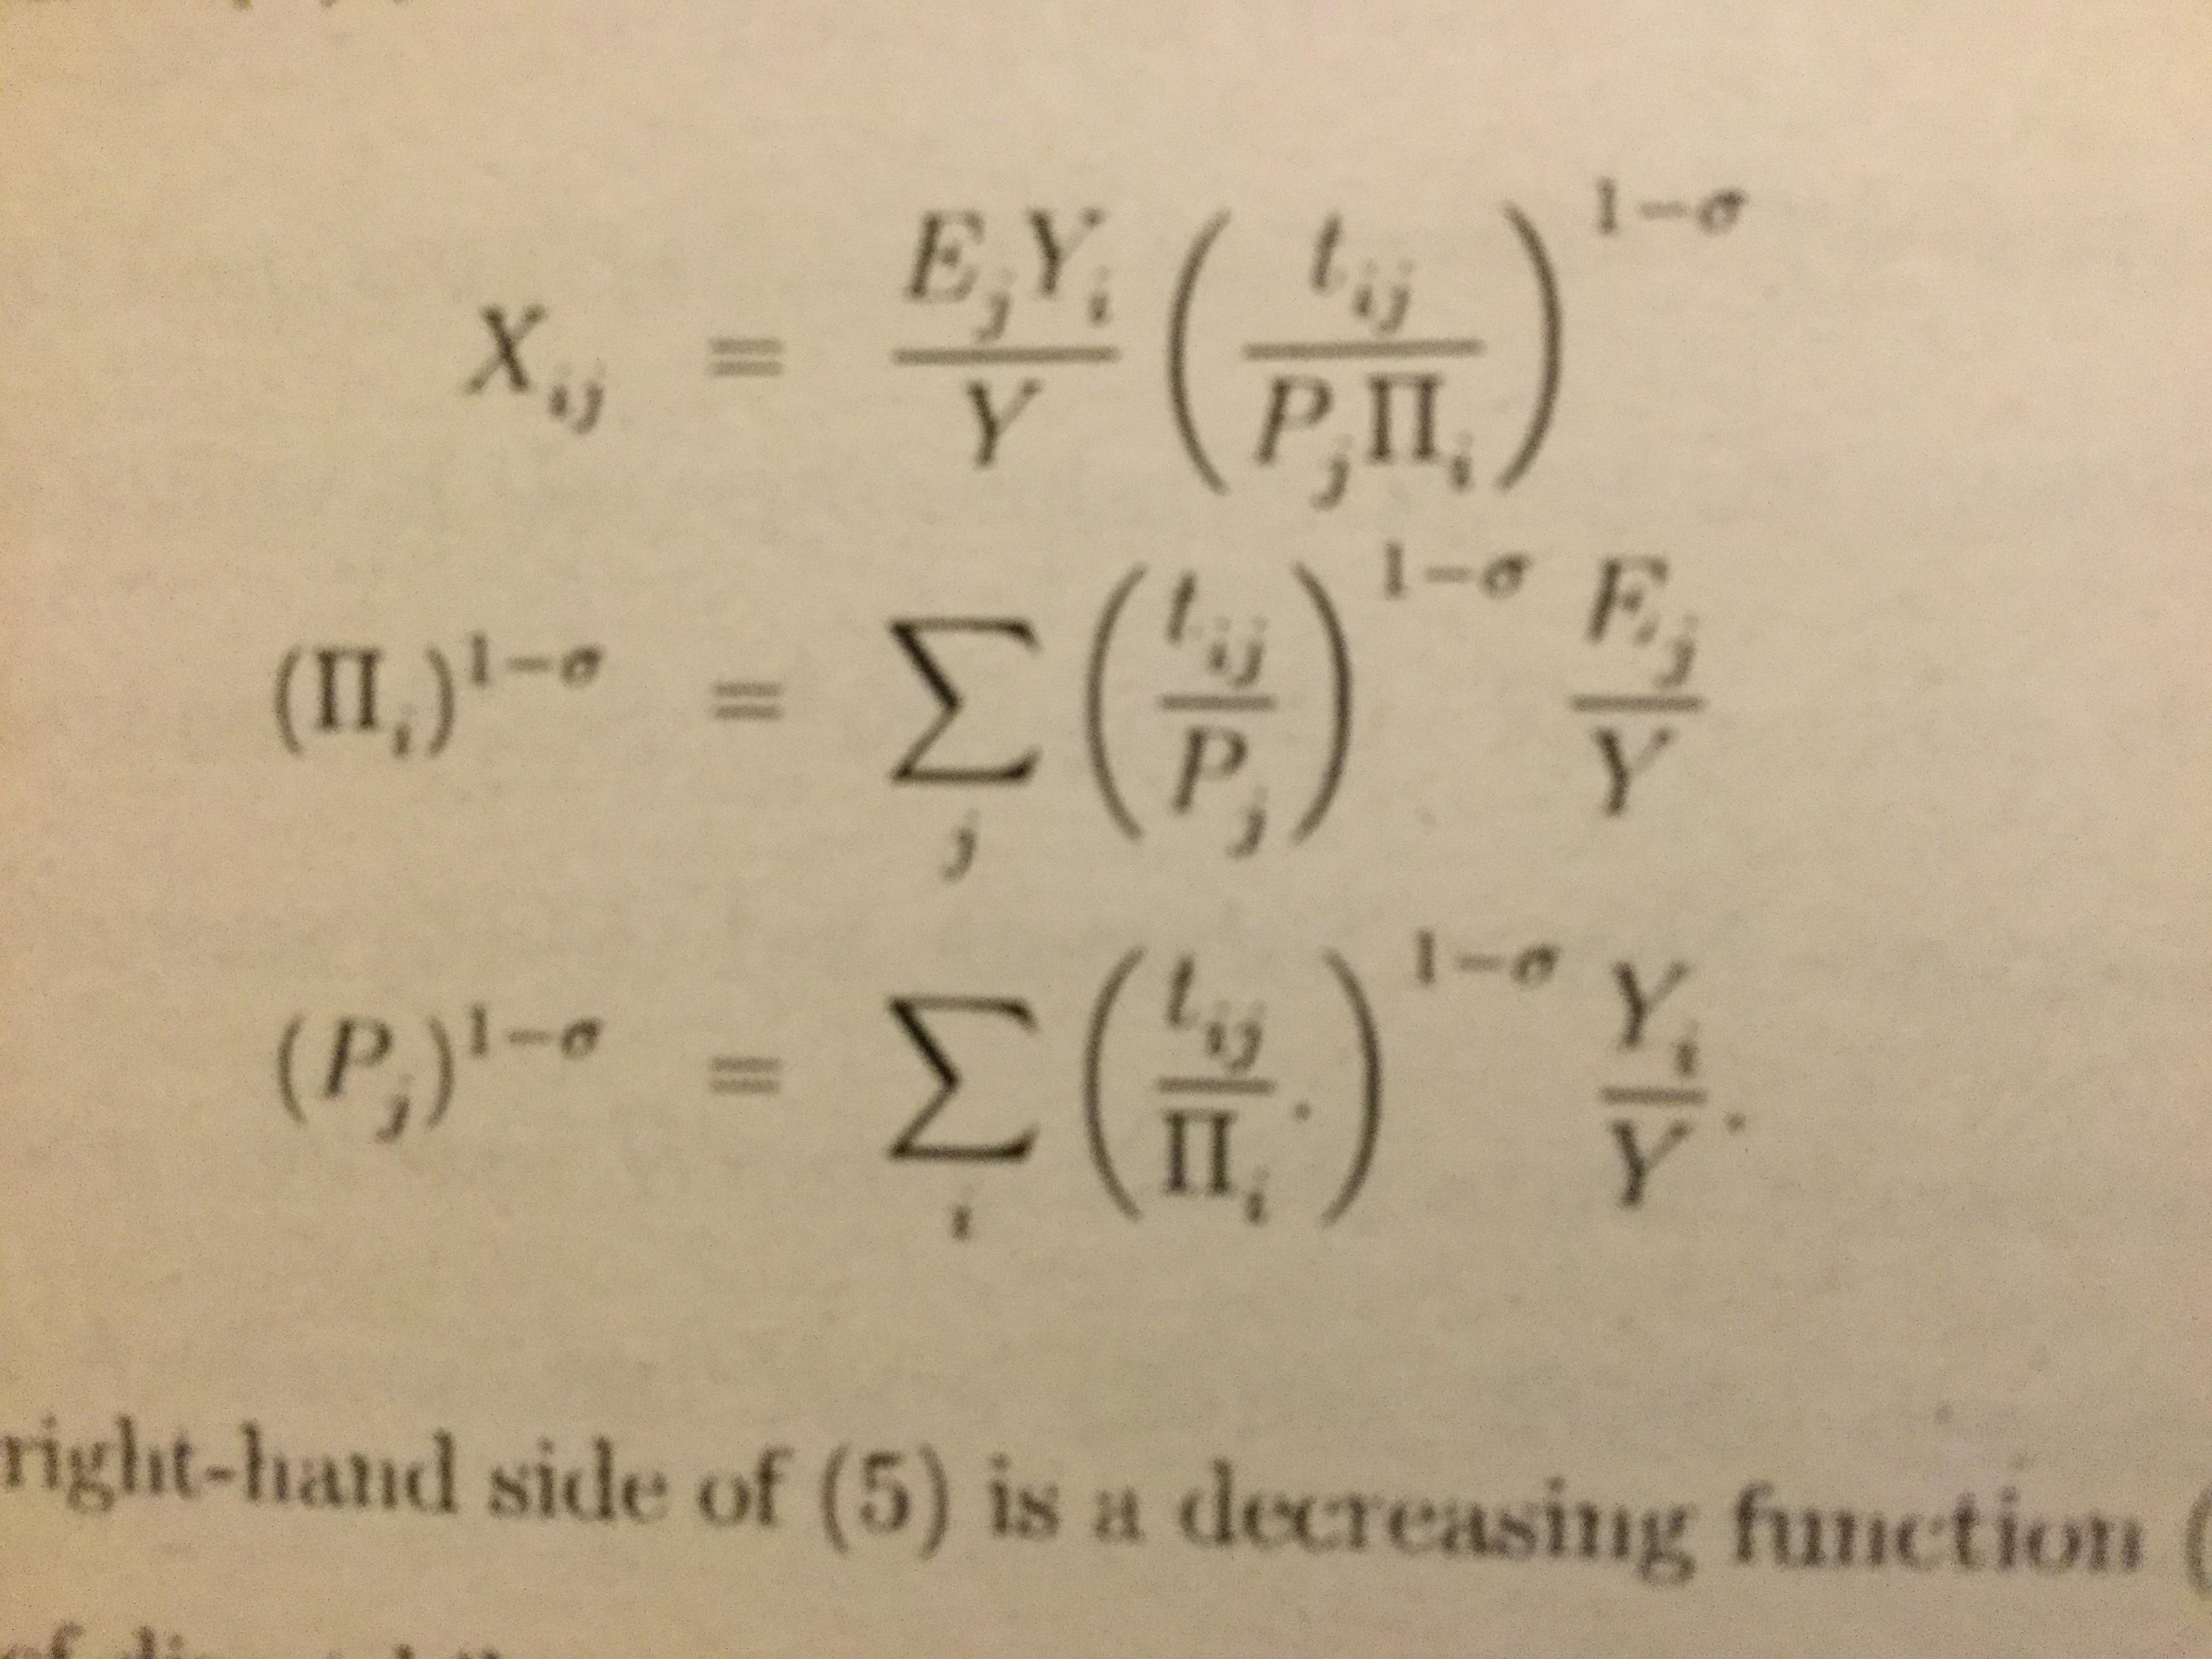 難しい数式の写真です。